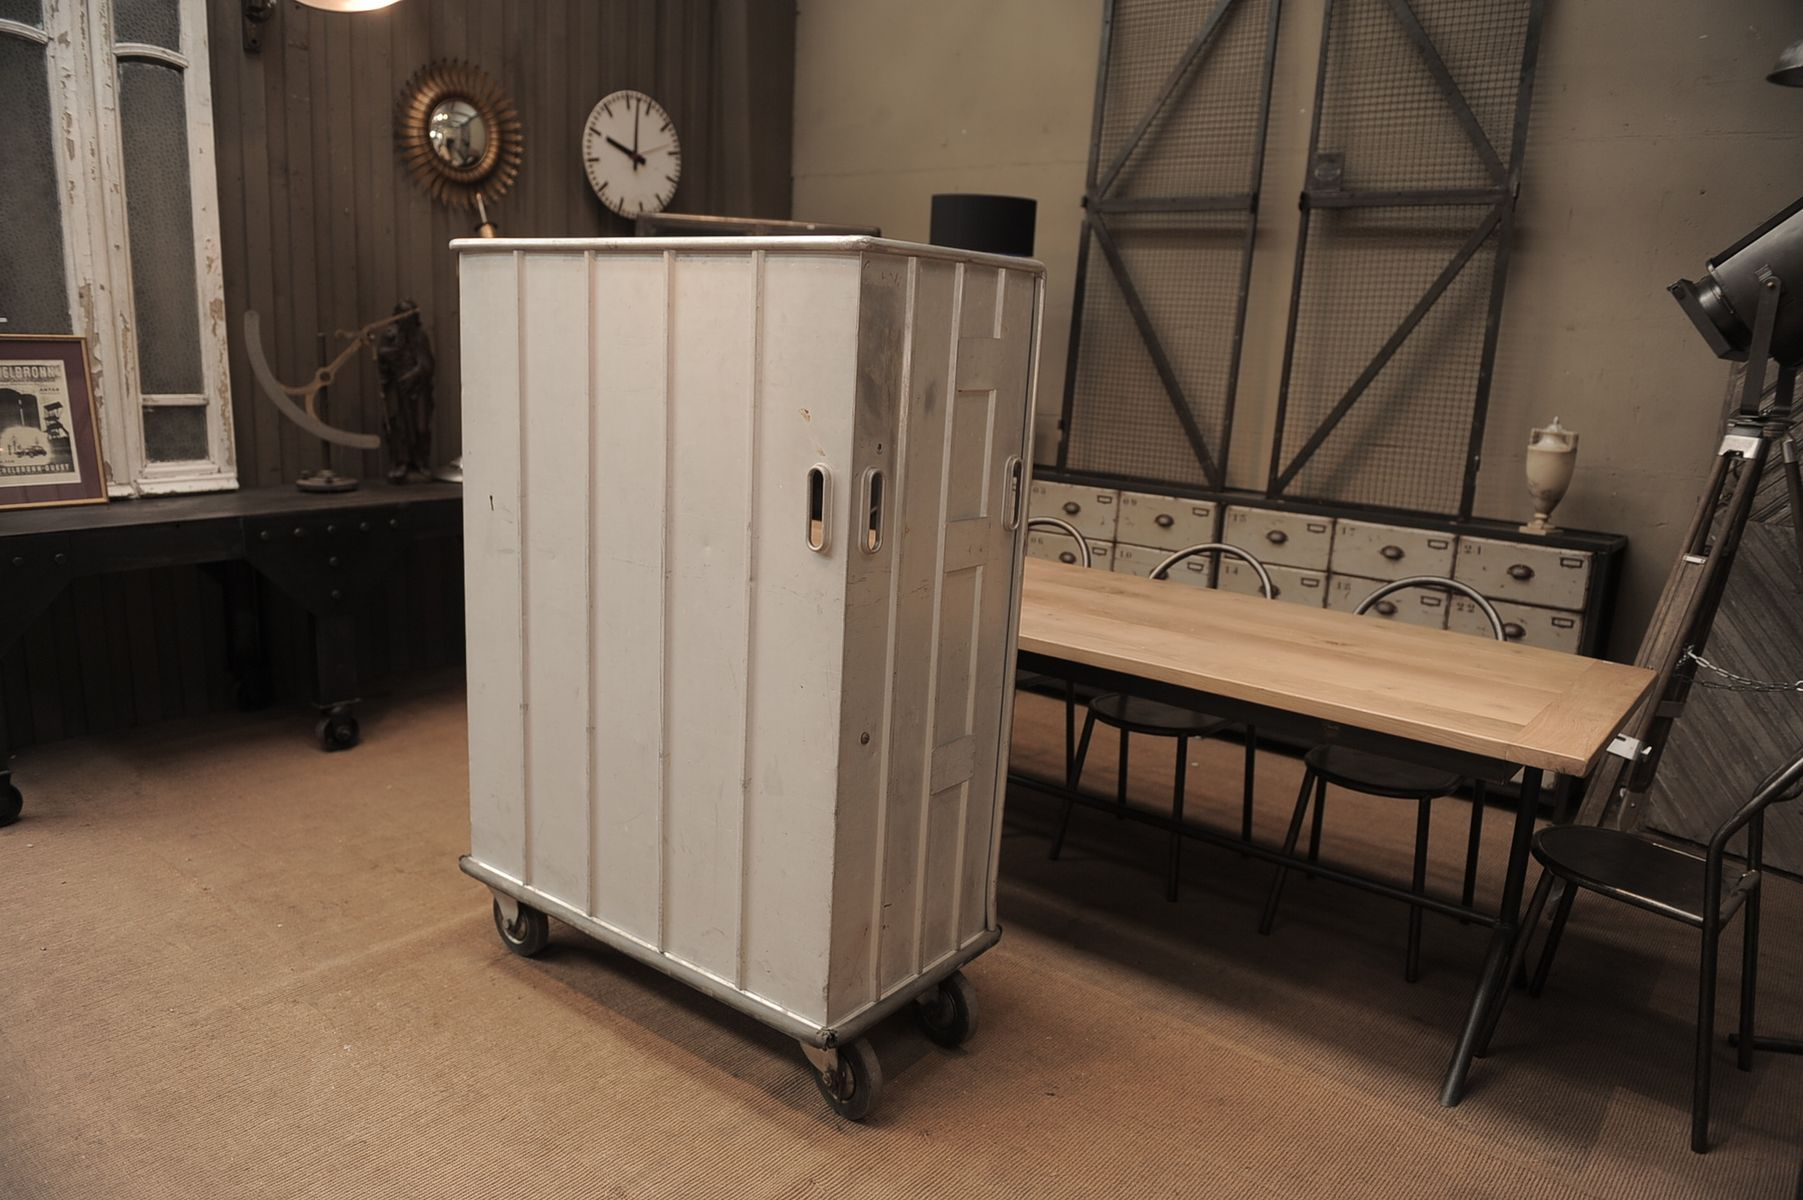 Meuble de rangement vintage industriel roulettes en vente sur pamono for Meuble de rangement industriel